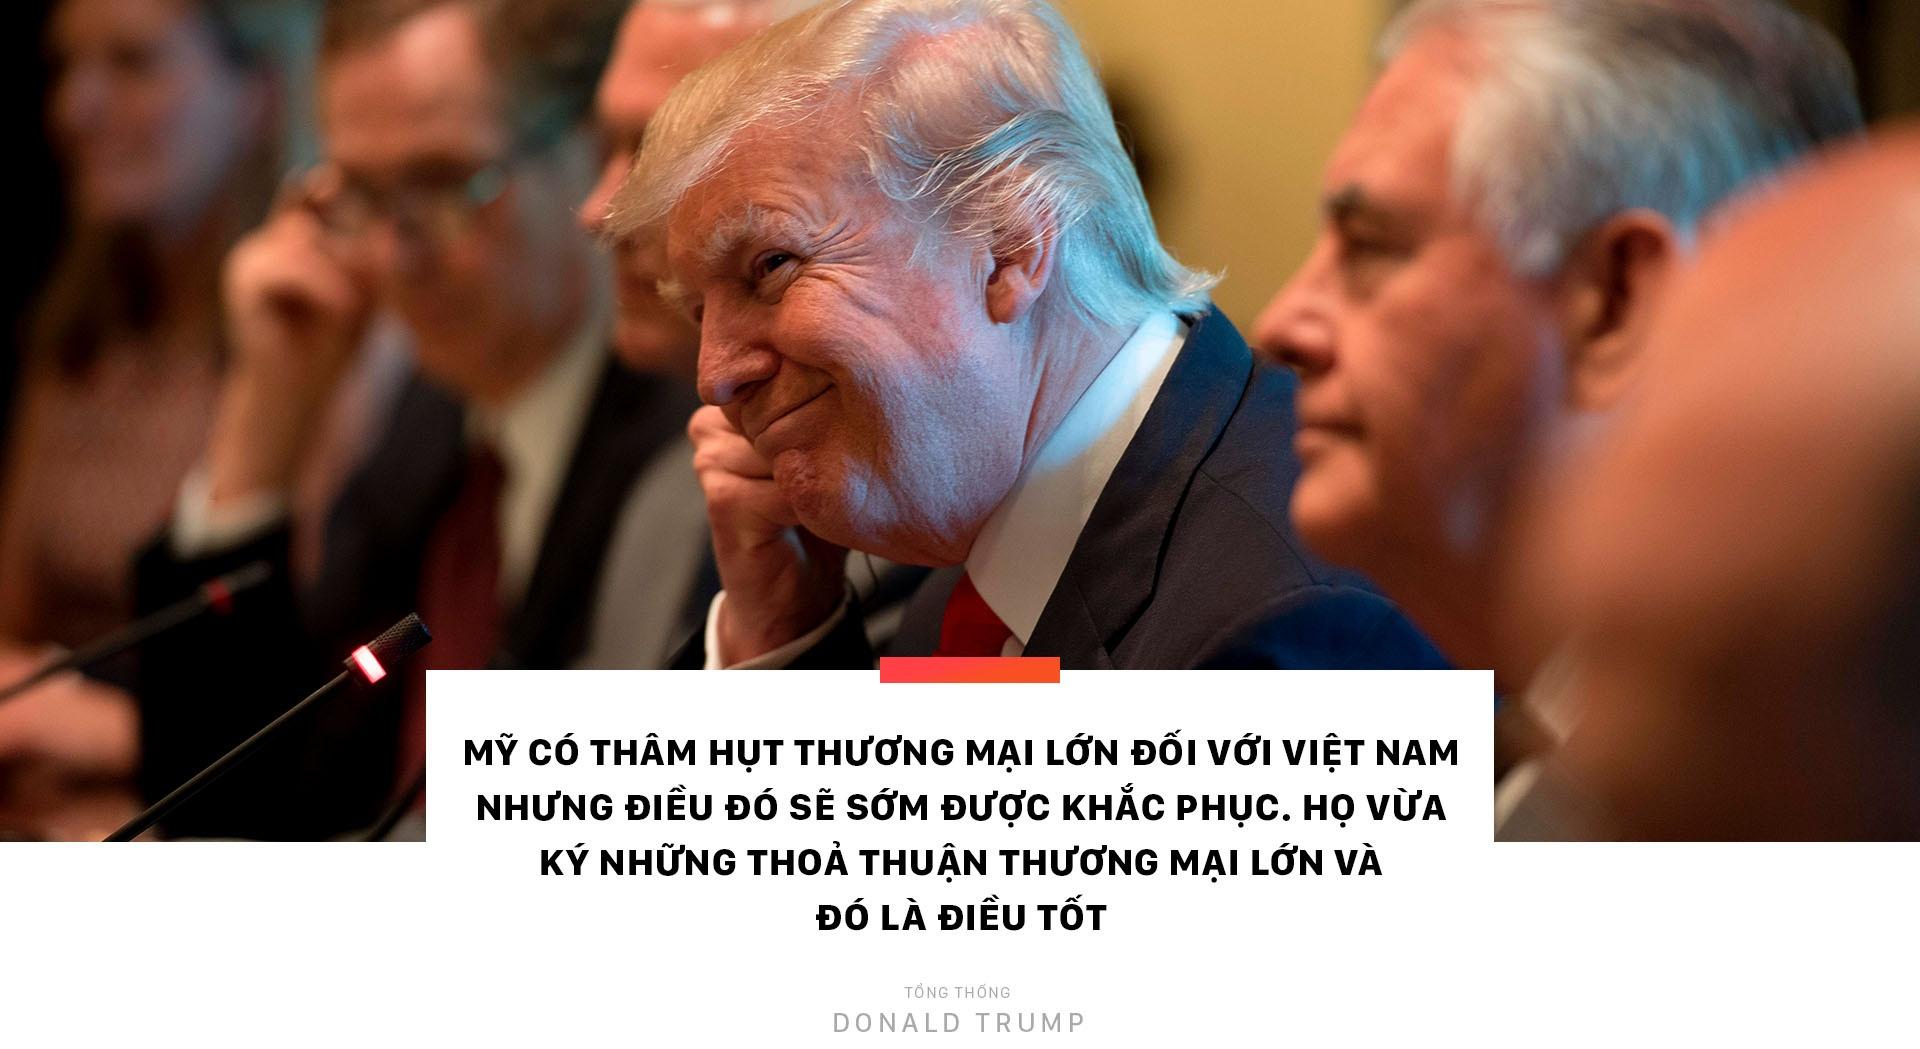 Thu tuong Nguyen Xuan Phuc hoi dam voi Tong thong Donald Trump hinh anh 4